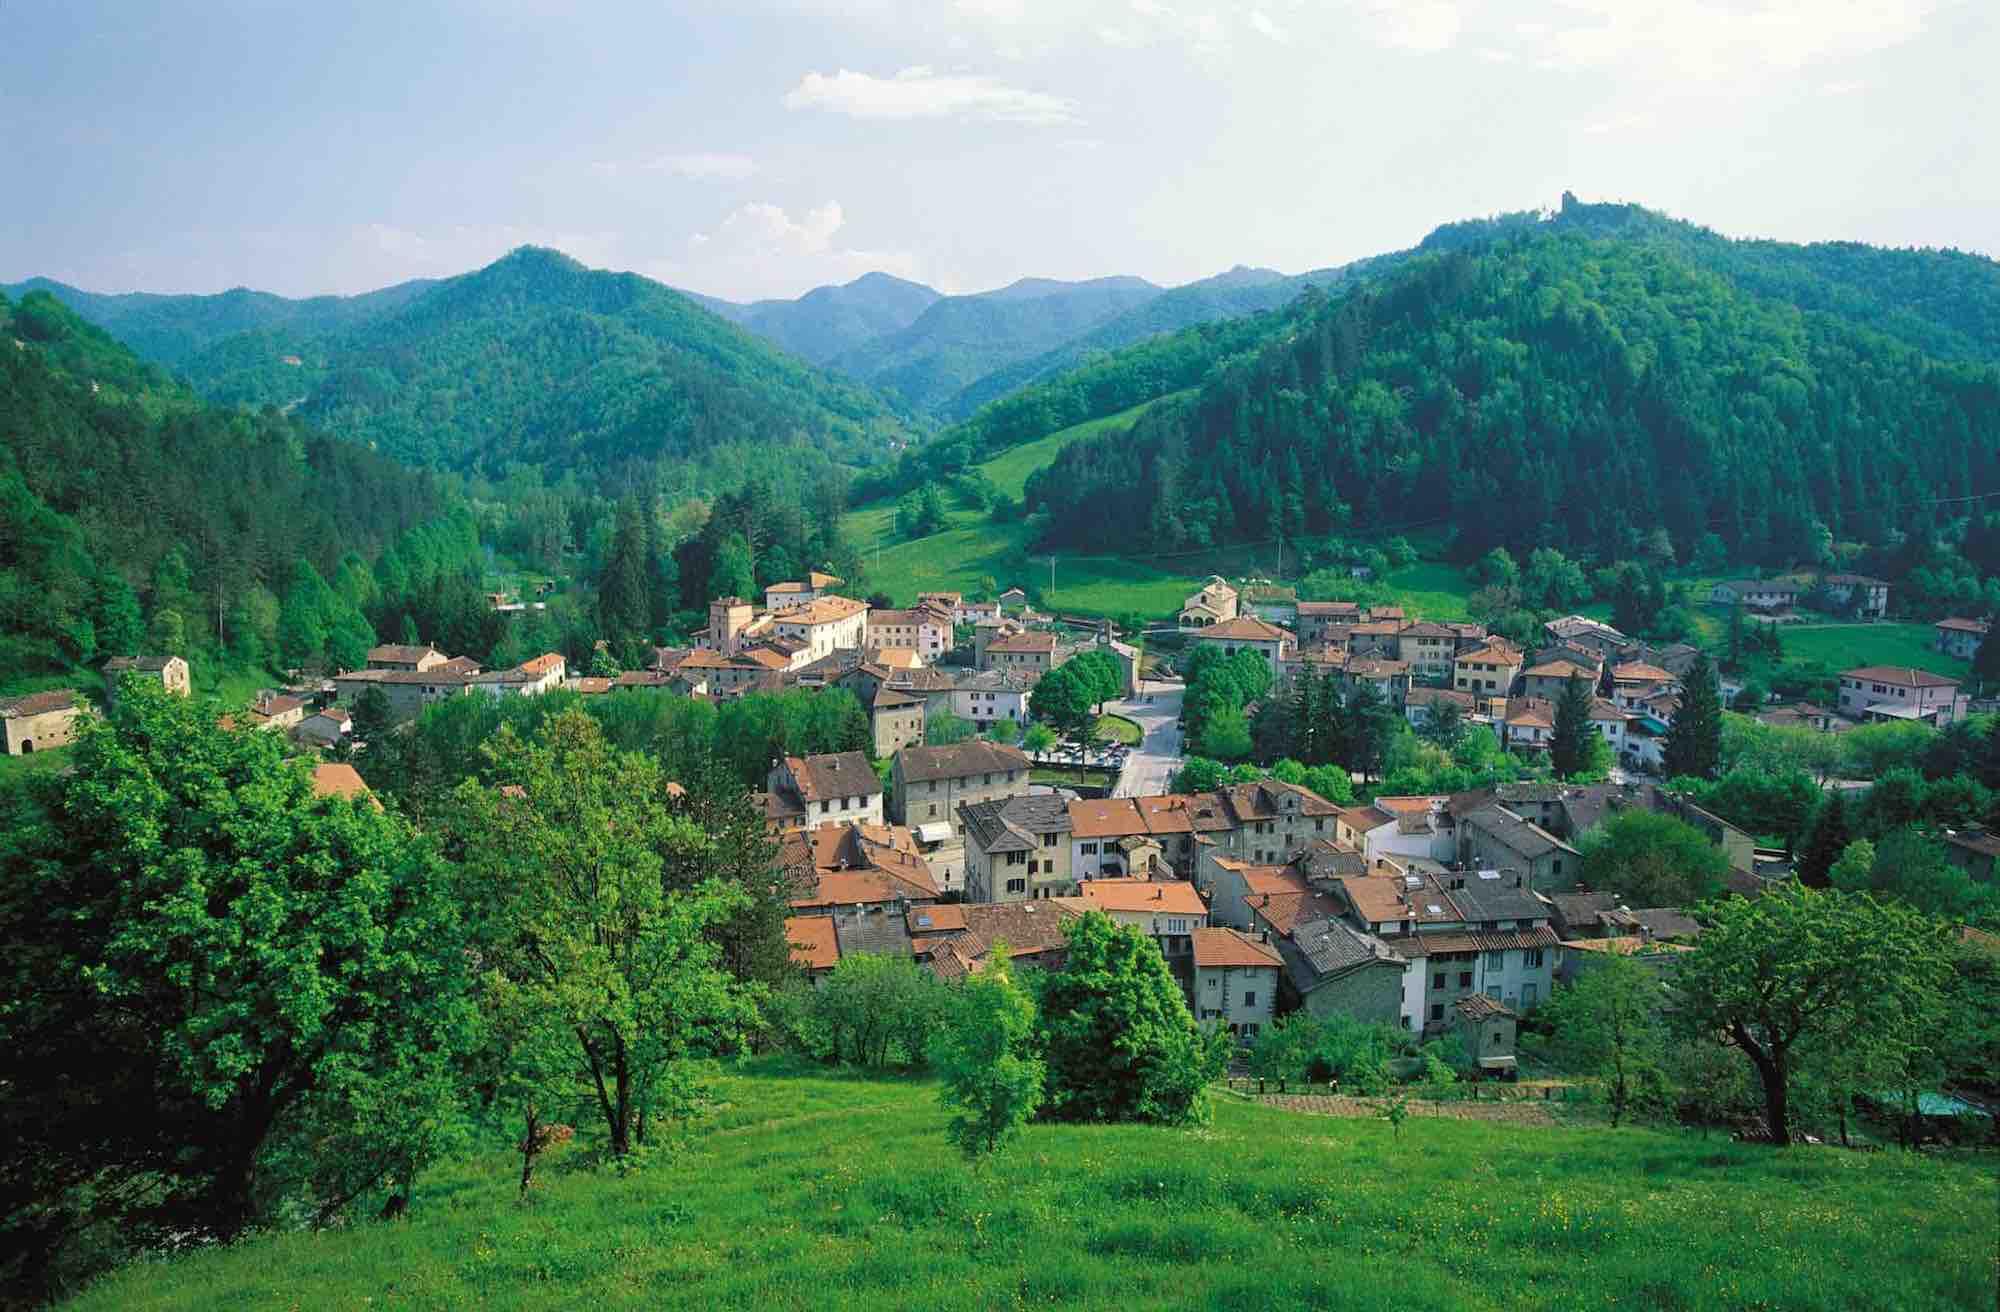 Palazzuolo sul Seno in Alto Mugello è uno dei migliori luoghi per andare in mountain bike in Toscana.